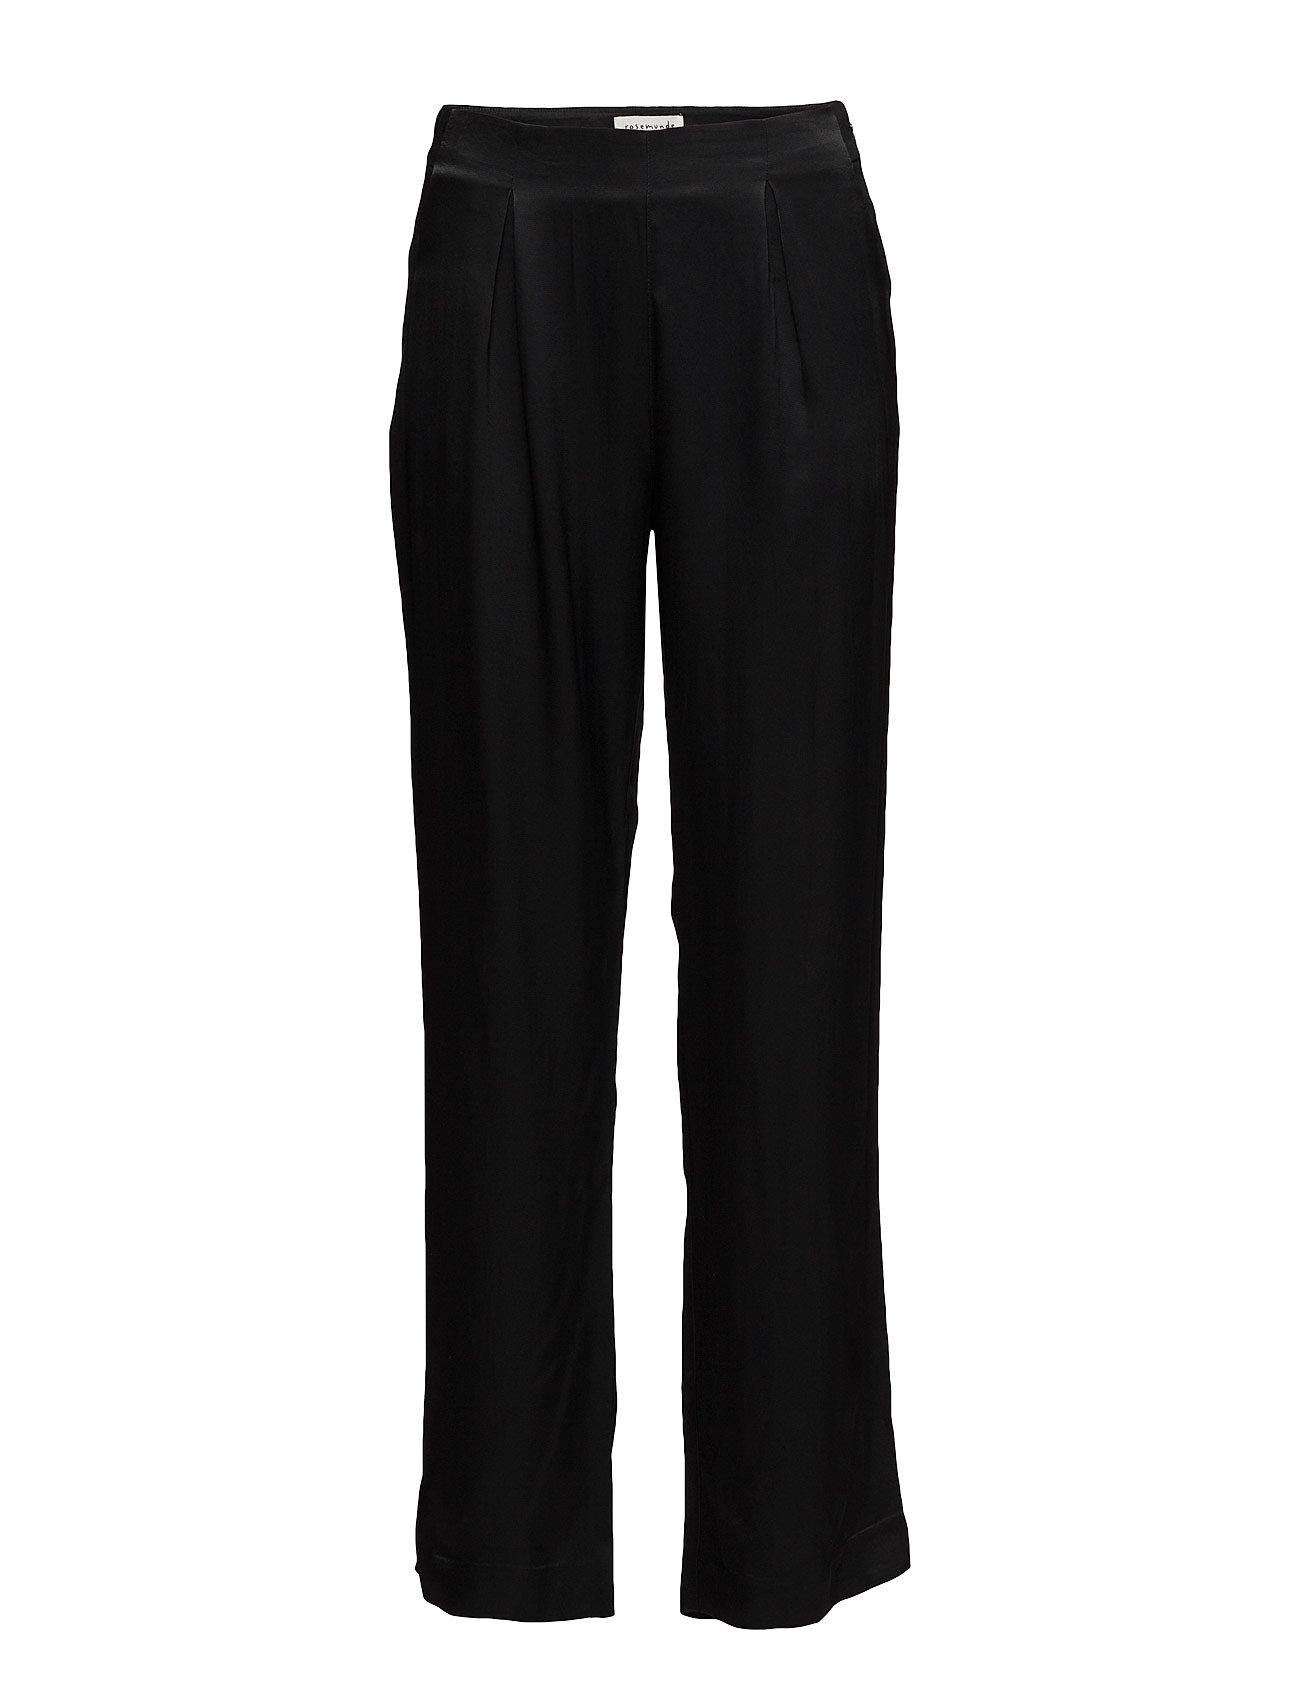 Trousers Rosemunde Bukser til Kvinder i Sort